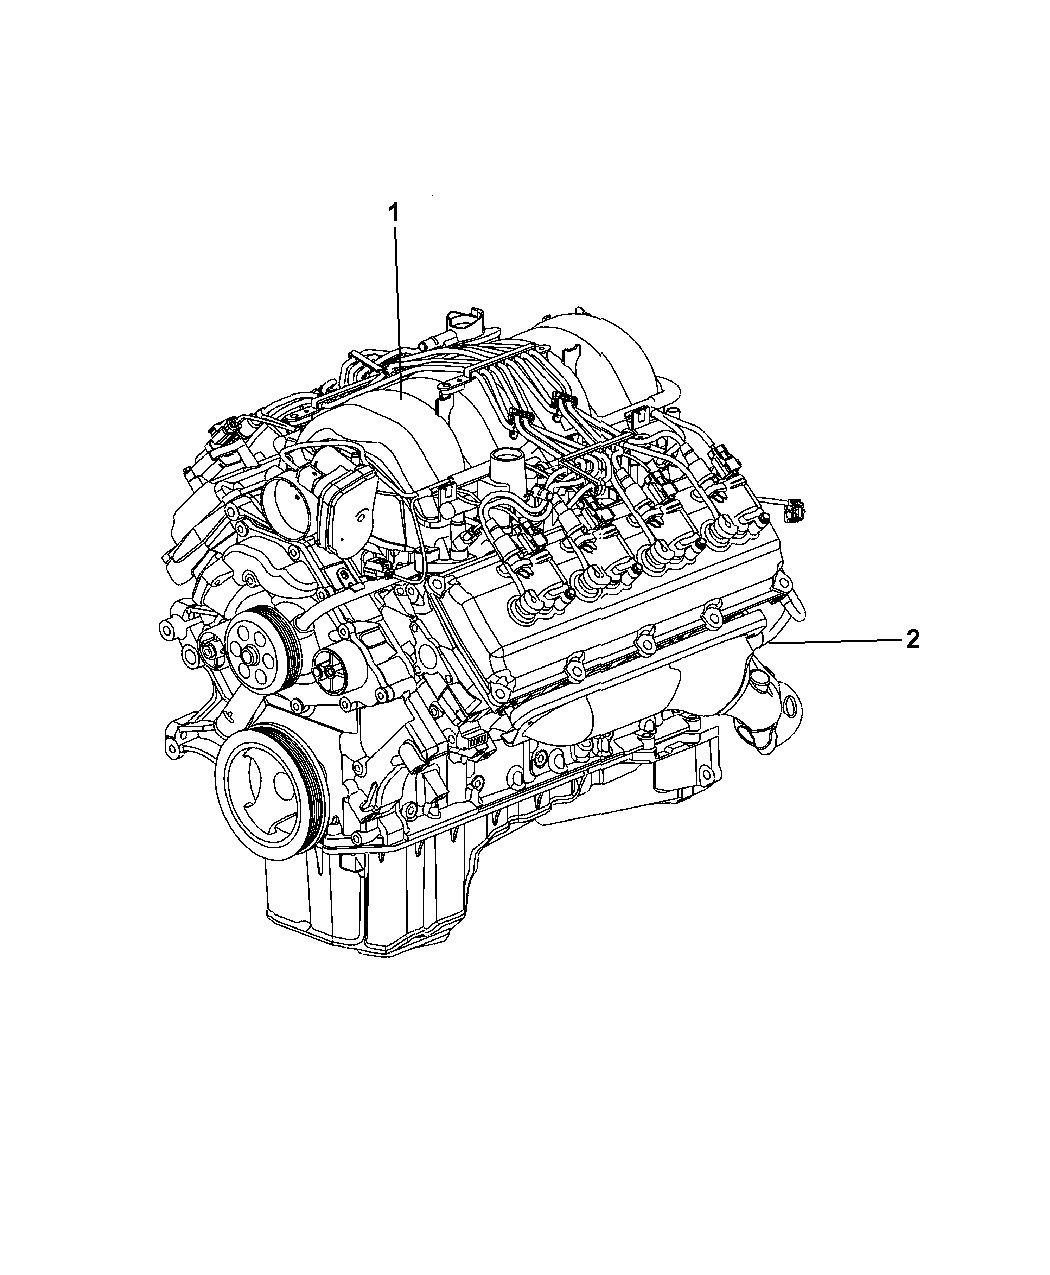 2011 Ram 2500 Engine Assembly Service Mopar Parts Giant Diagram Thumbnail 1